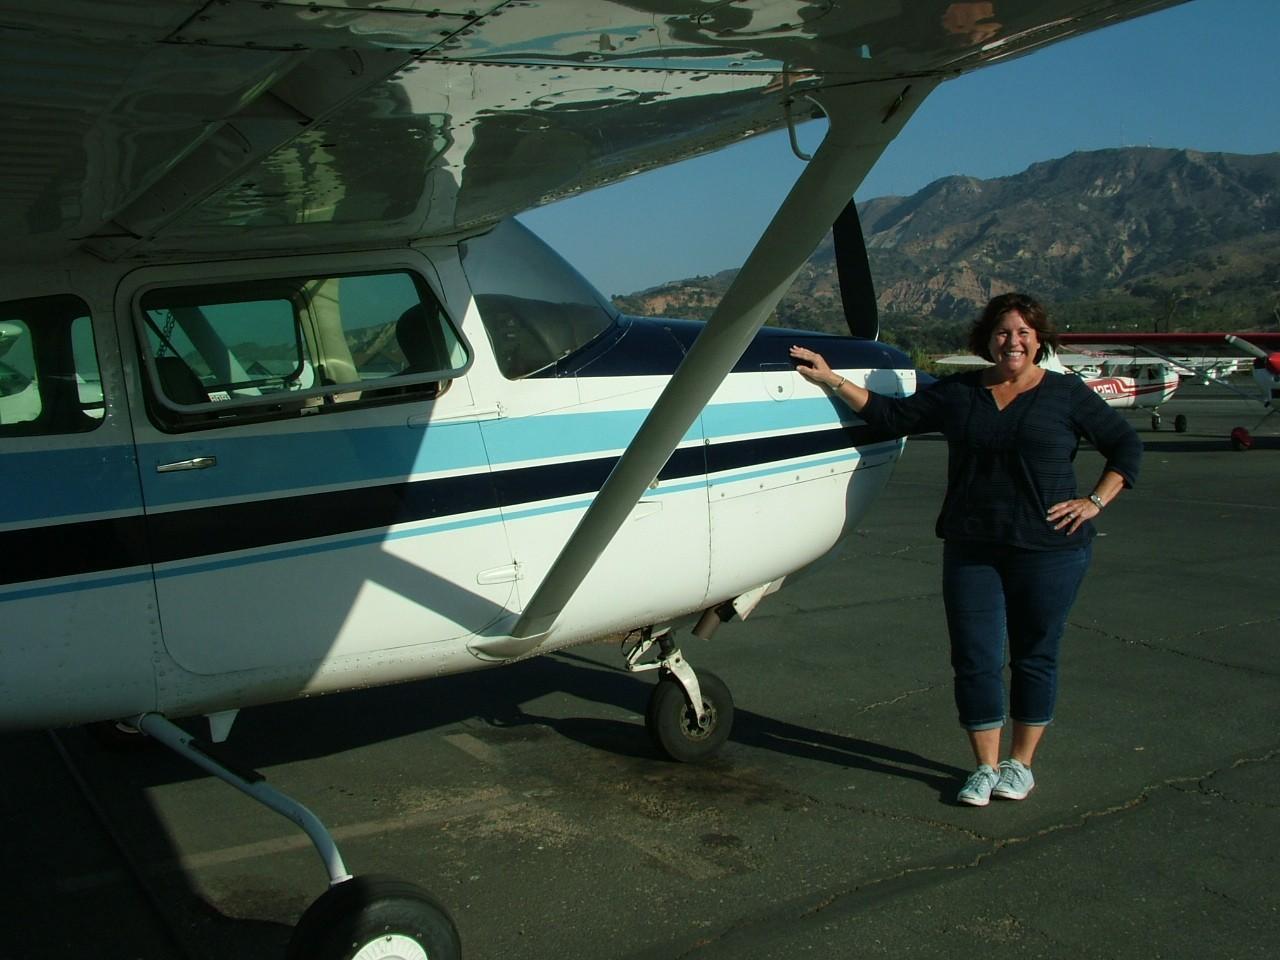 Commercial Pilot - Mignon Gery